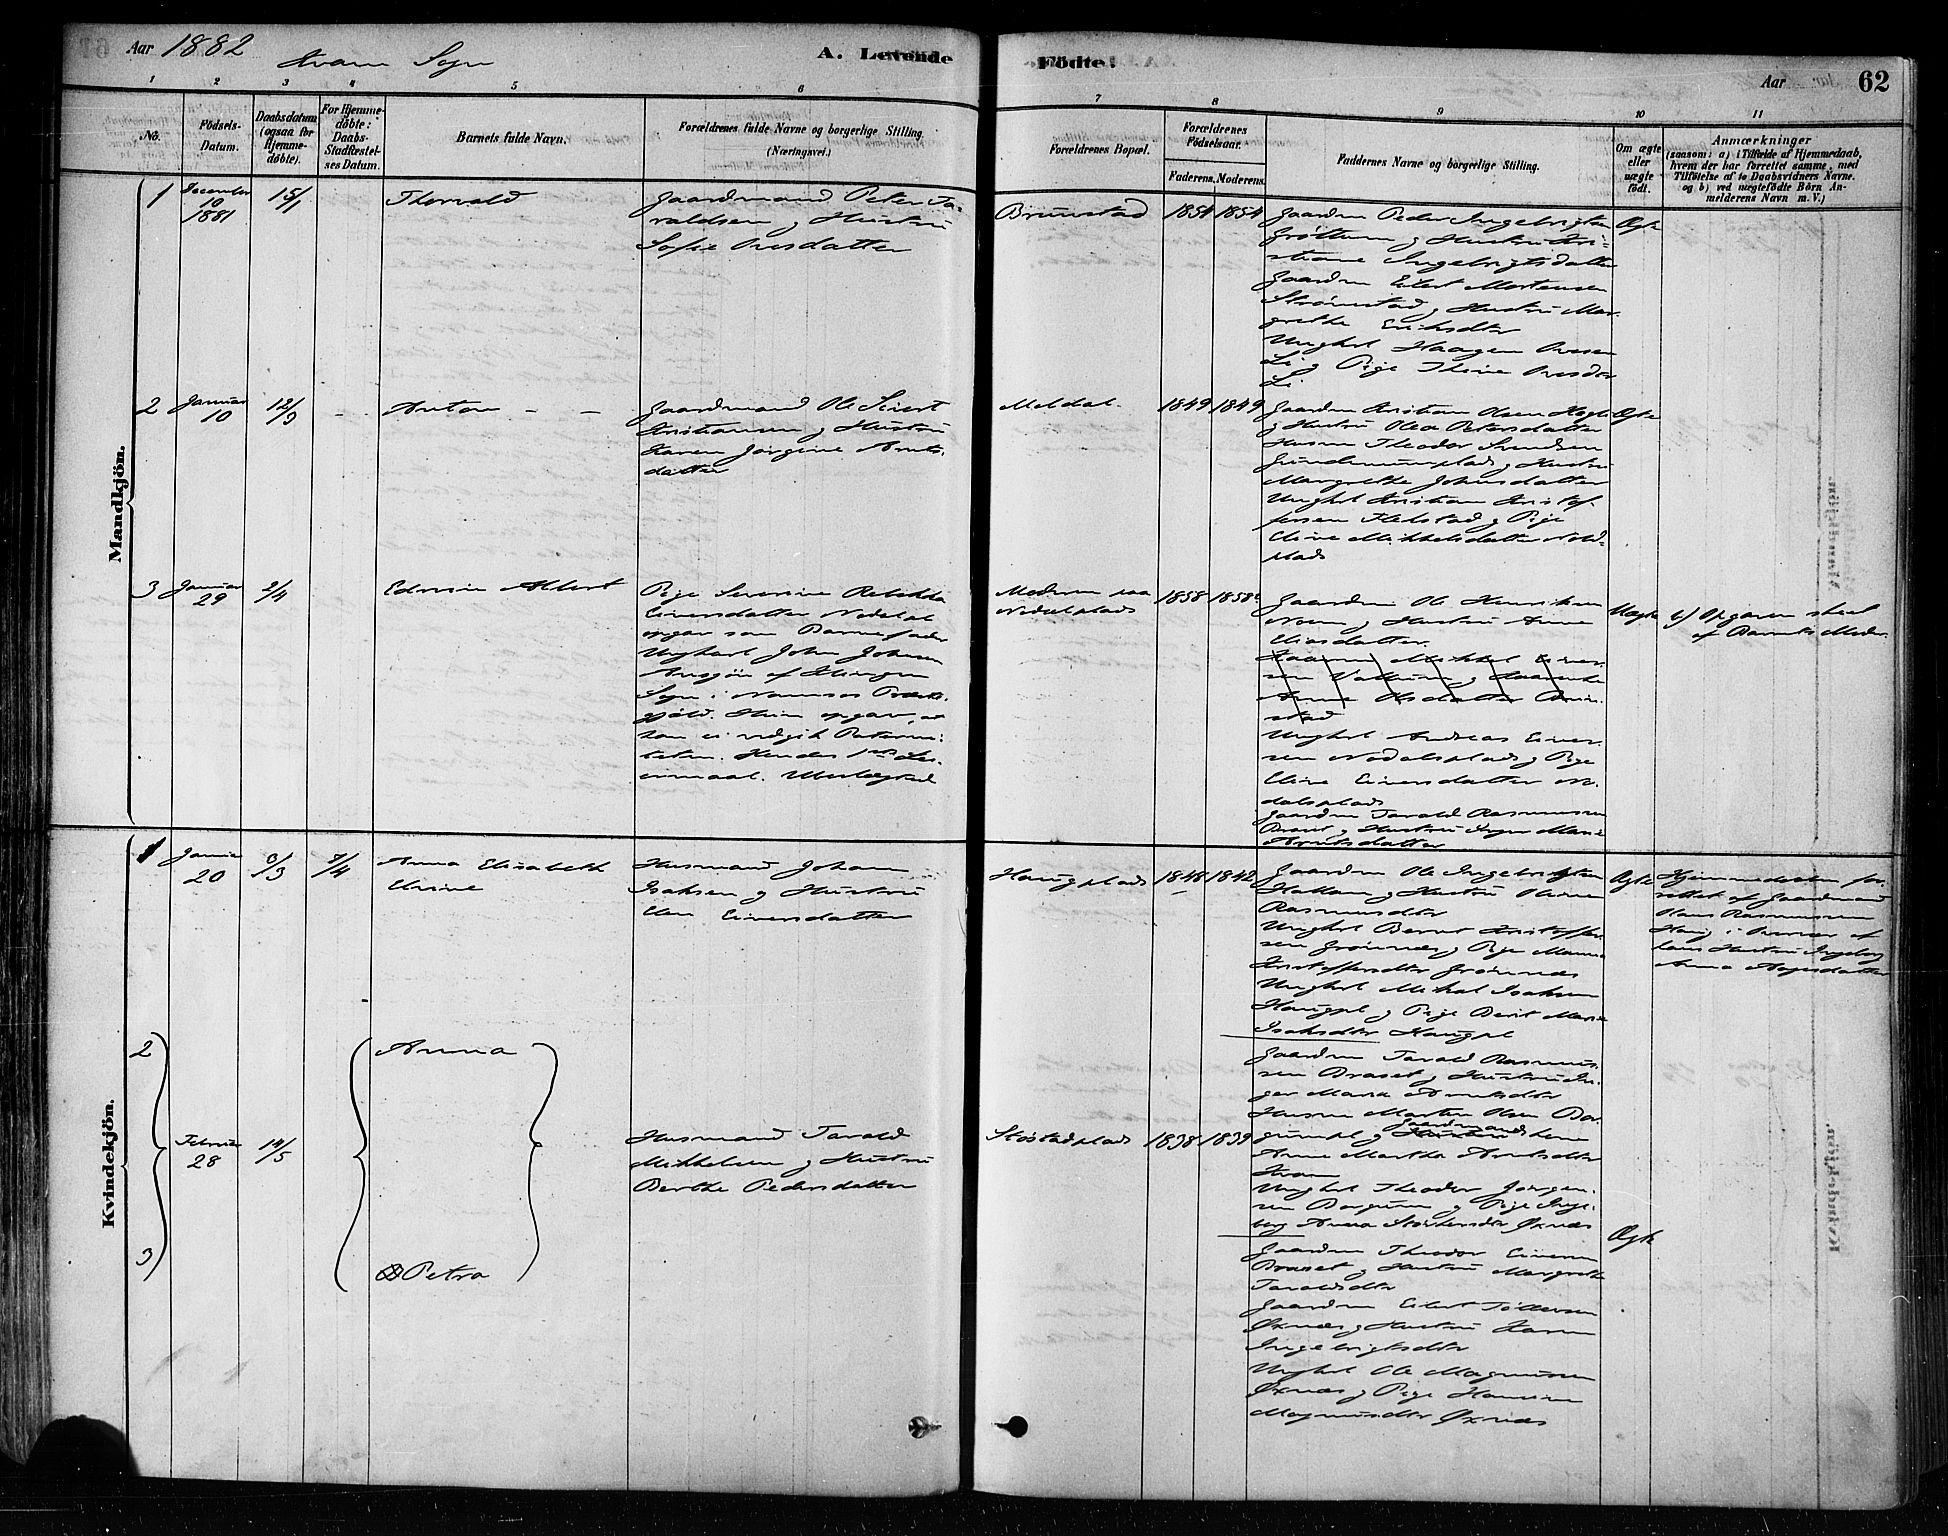 SAT, Ministerialprotokoller, klokkerbøker og fødselsregistre - Nord-Trøndelag, 746/L0449: Ministerialbok nr. 746A07 /2, 1878-1899, s. 61